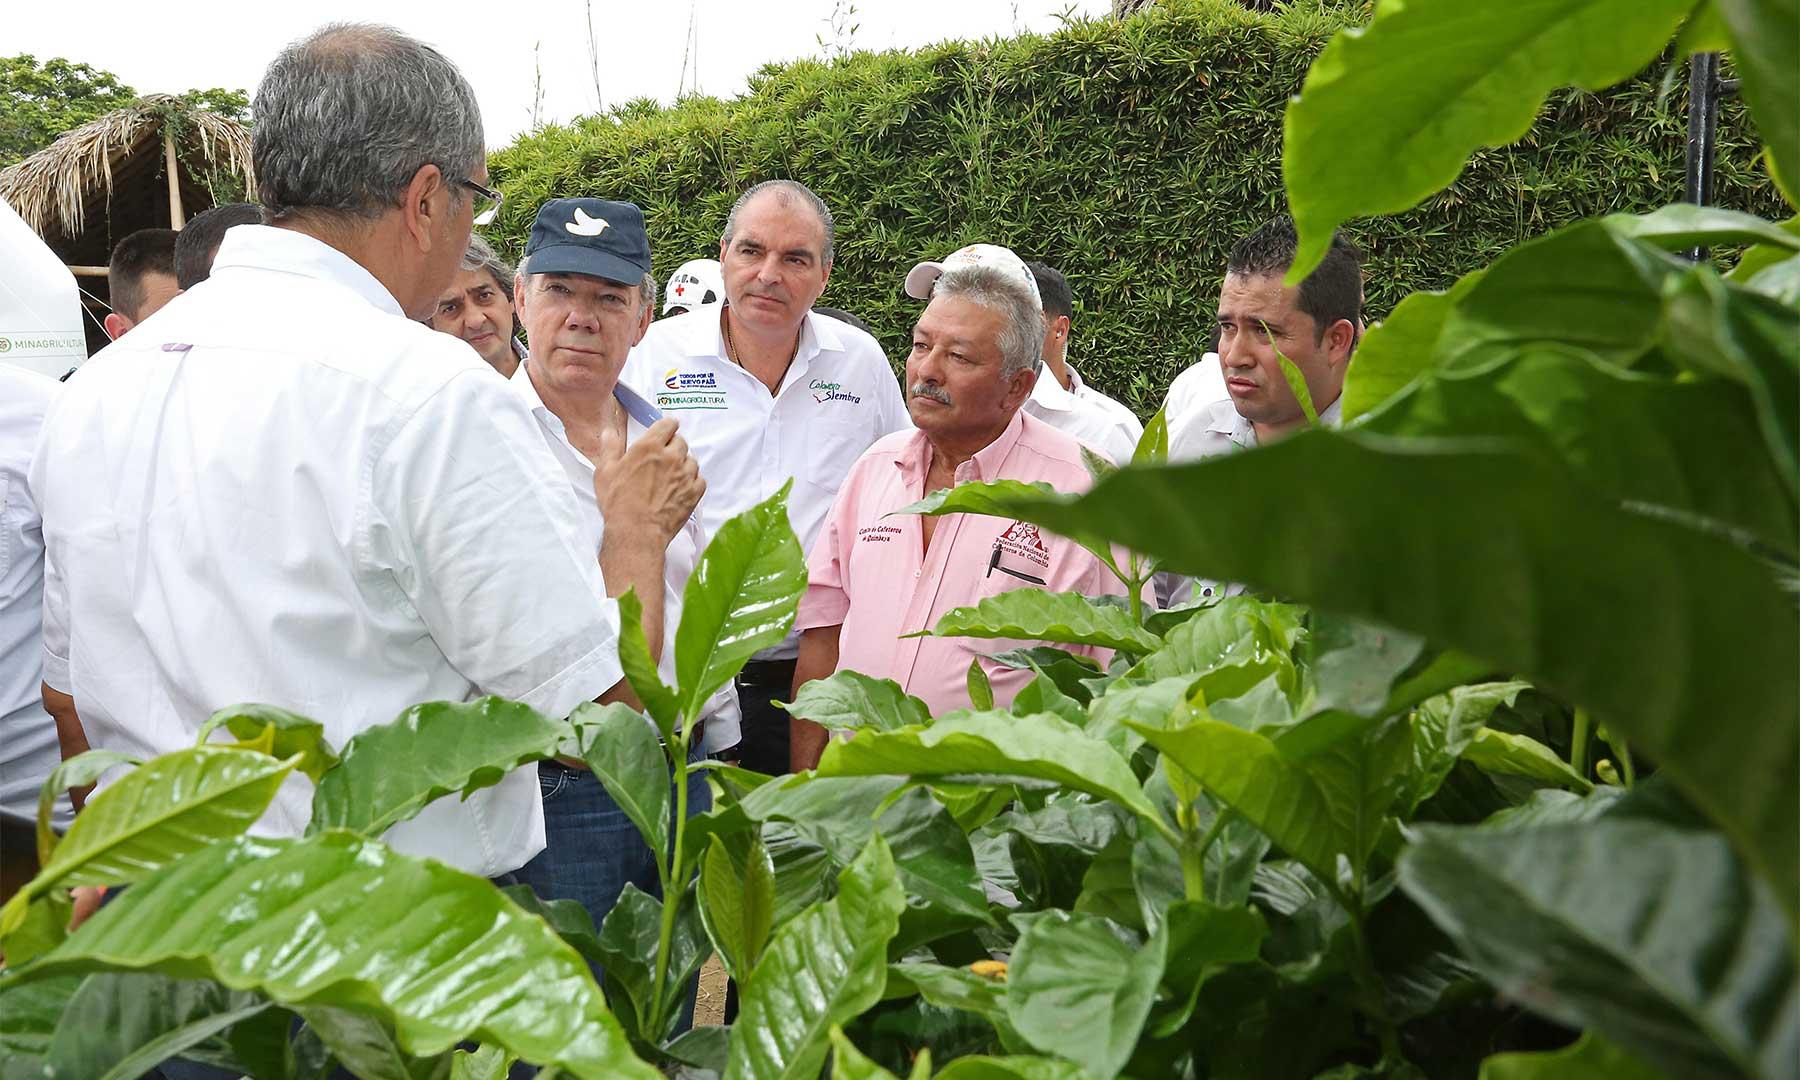 En medio de un cultivo de café y acompañado por el Ministro de Agricultura, Aurelio Iragorri, el Presidente Santos agradeció al Parque Panaca su contribución con la reintegración plena a la vida civil de miles de desmovilizados.